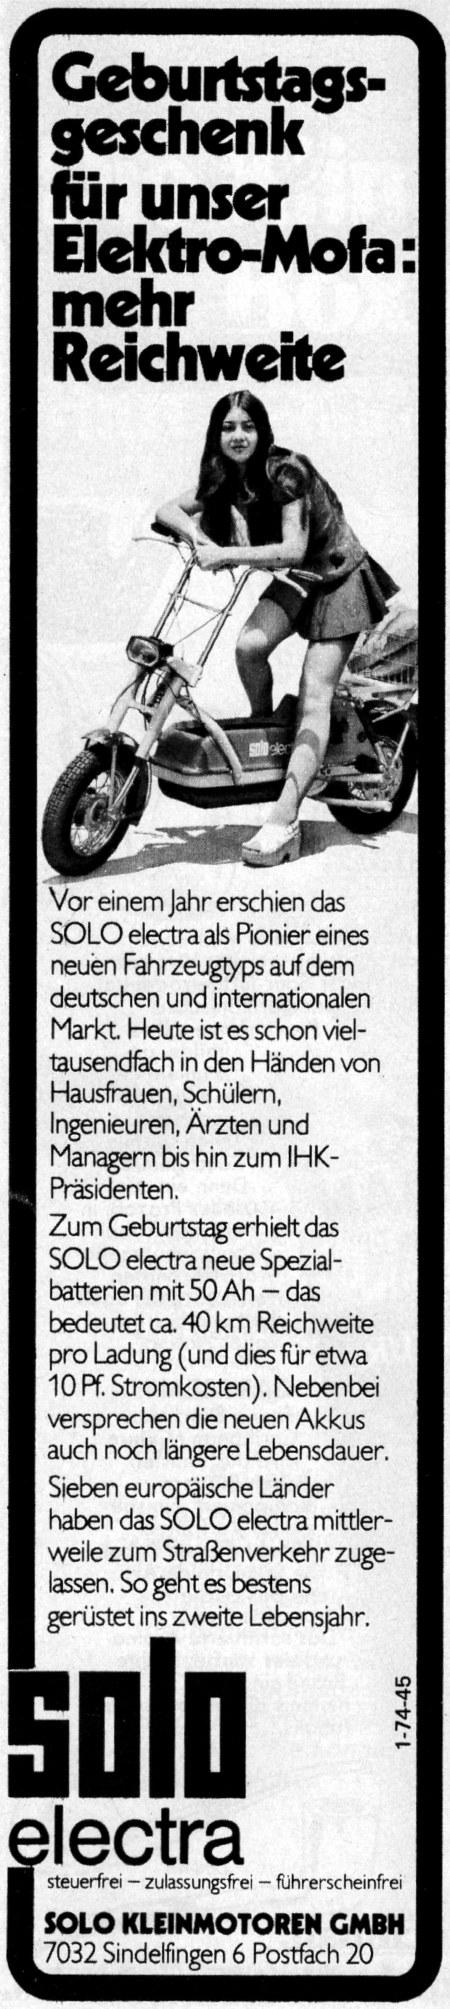 Geburtstagsgeschenk für unser Elektro-Mofa: mehr Reichweite -- Vor einem Jahr erschien das SOLO electra als Pionier eines neuen Fahrzeugtyps auf dem deutschen und internationalen Markt. Heute ist es schon vieltausendfach in den Händen von Hausfrauen, Schülern, Ingenieuren, Ärzten und Managern bis hin zum IHK-Präsidenten -- Zum Geburtstag erhielt das SOLO electra neue Spezialbatterien mit 50 Ah - das bedeutet ca. 40 km Reichweite pro Ladung (und dies für etwa 10 Pf. Stromkosten). Nebenbei versprechen die neuen Akkus auch längere Lebensdauer. -- Sieben europäische Länder haben das SOLO electra mittlerweile zum Straßenverkehr zugelassen. So geht es bestens gerüstet ins zweite Lebensjahr. -- SOLO electra -- steuerfrei, zulassungsfrei, führerscheinfrei -- SOLO Kleinmotoren GmbH, 7032 Sindelfingen 6, Postfach 20